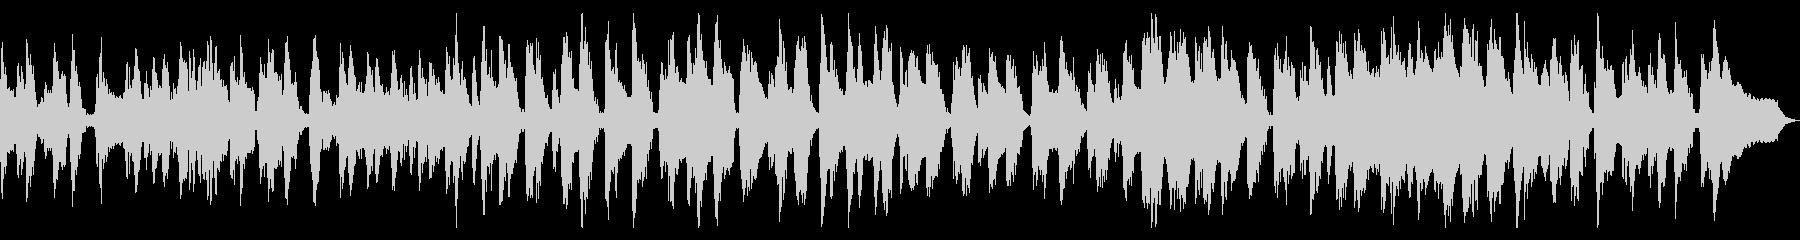 30秒の渋いクラリネット怪しくおどけた曲の未再生の波形